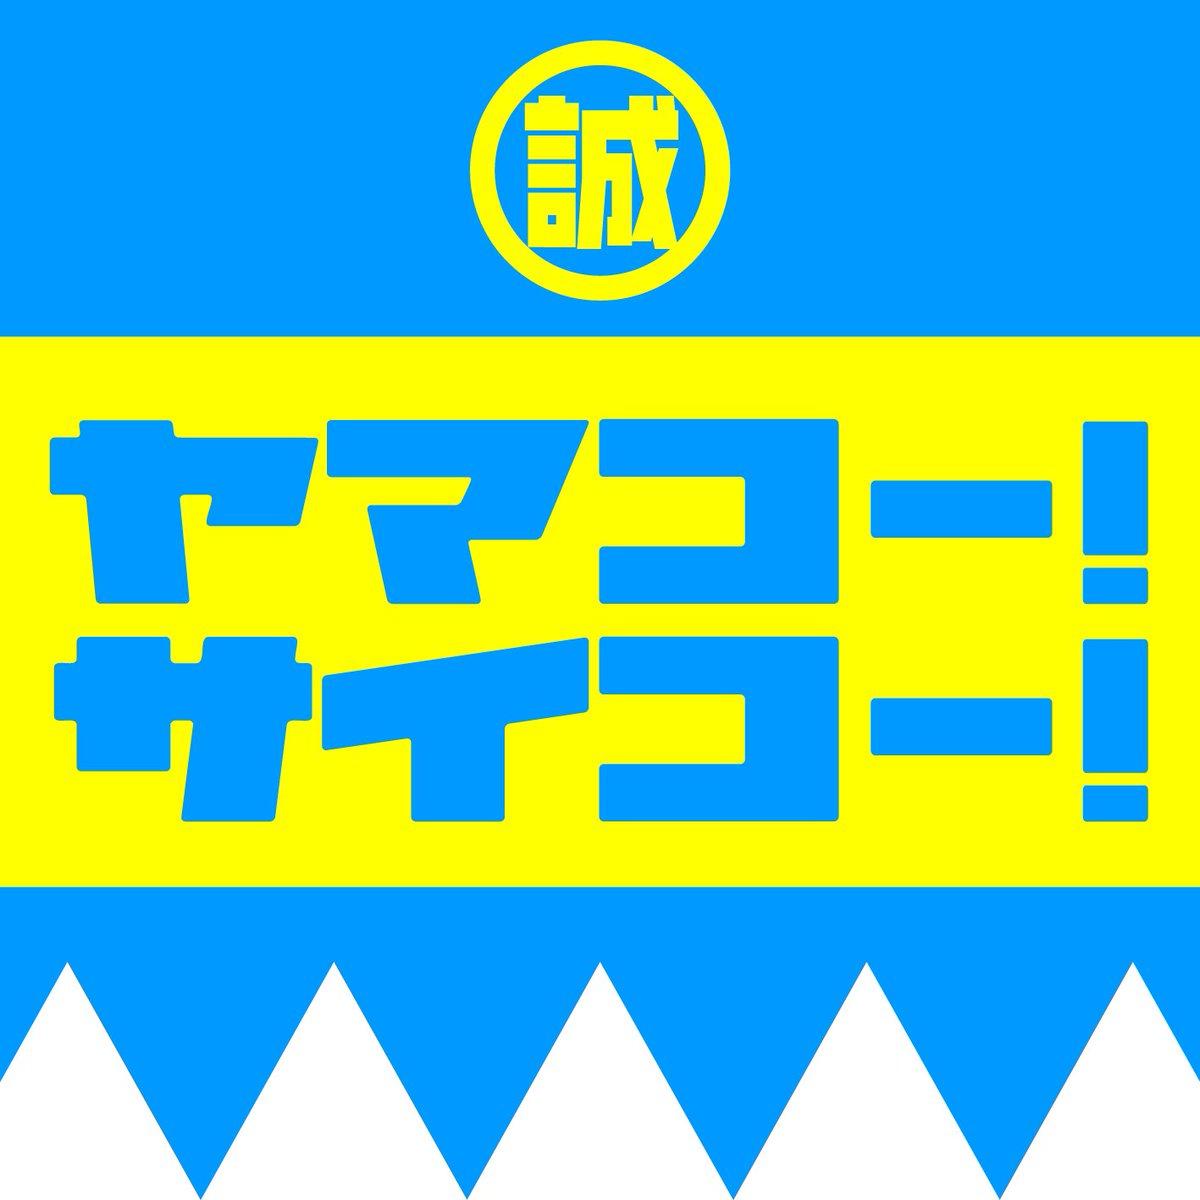 ヤマコー! サイコー!  ※山本耕史さんのファンの皆様 ご無礼をおゆるしください。  #スマステ #スマステアイシテマース #スマステ23日最終回  #新しい地図